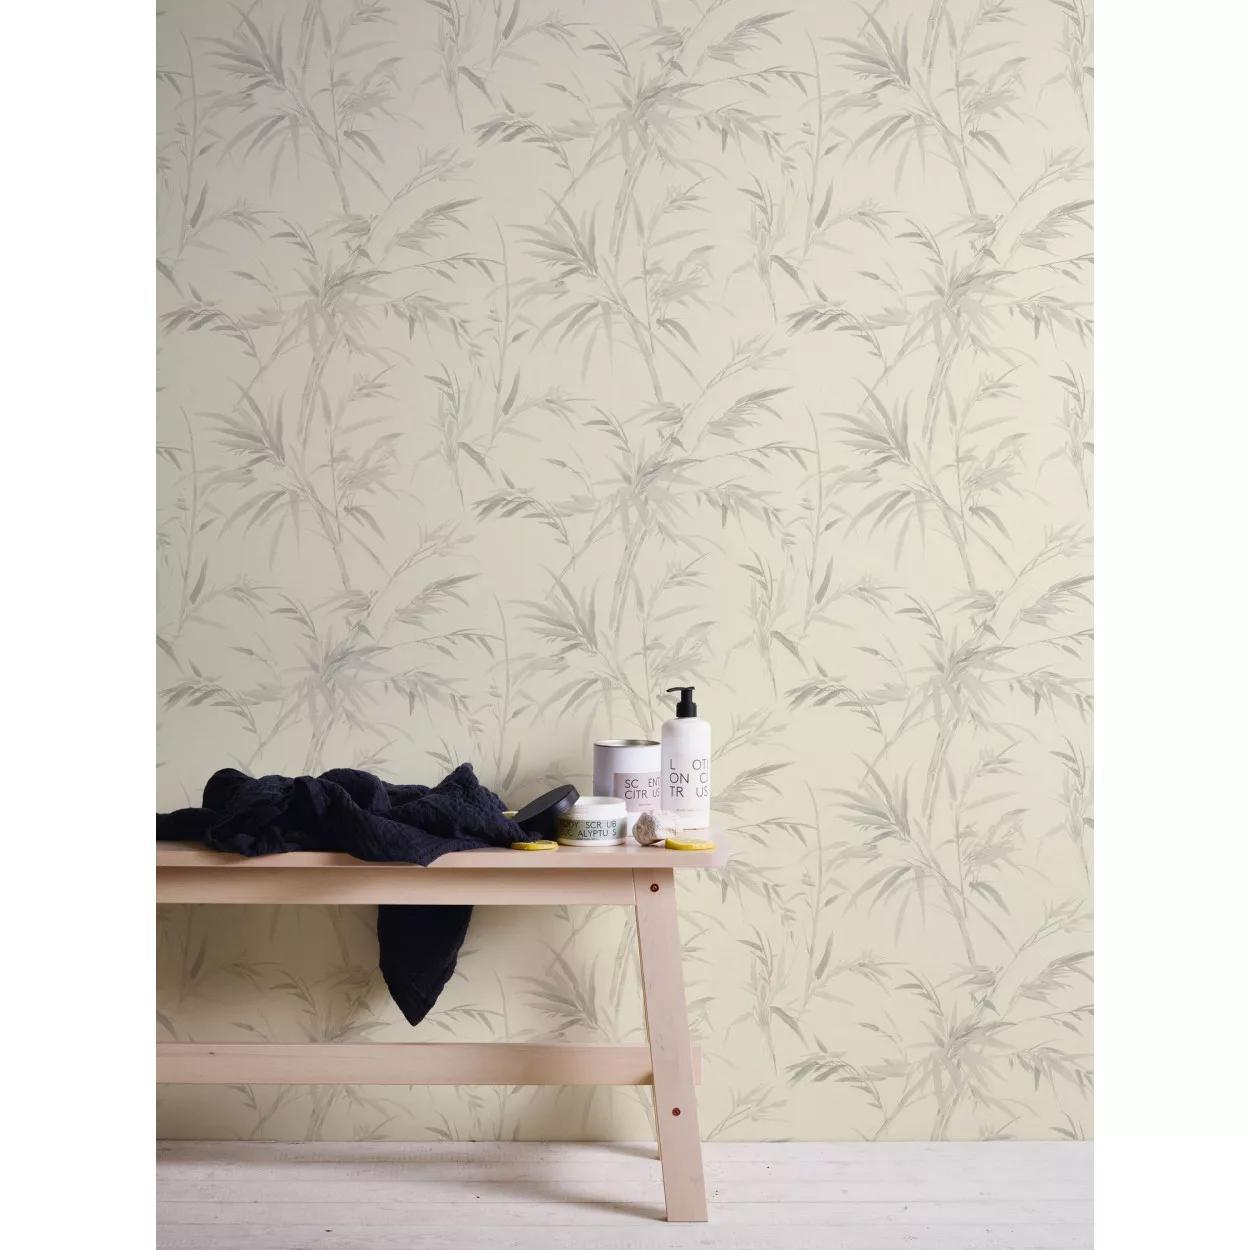 Szürke pálmalevél mintás vlies dekor tapéta mosható vinyl felülettel